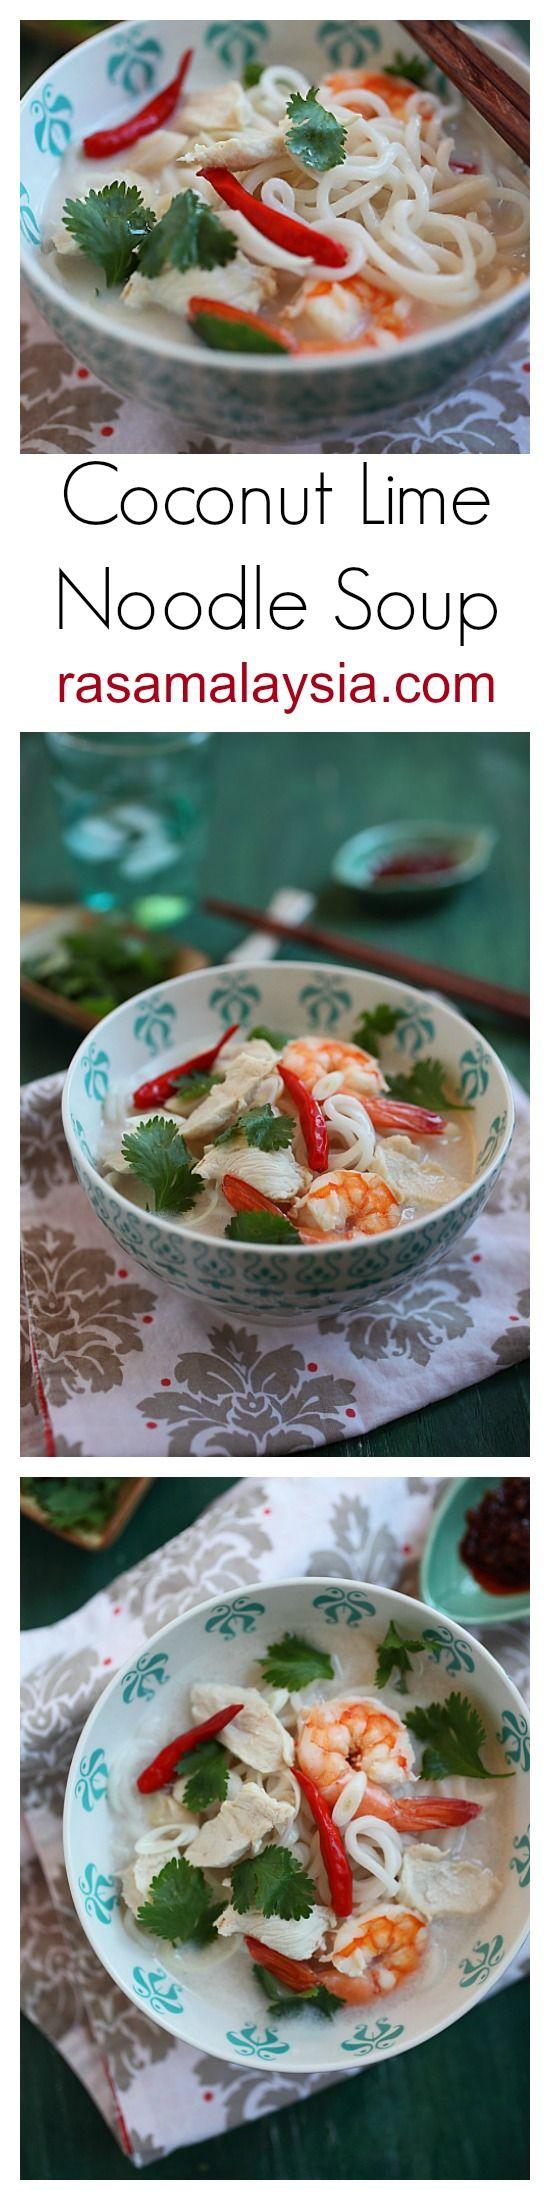 Coconut lime chilli chicken recipe